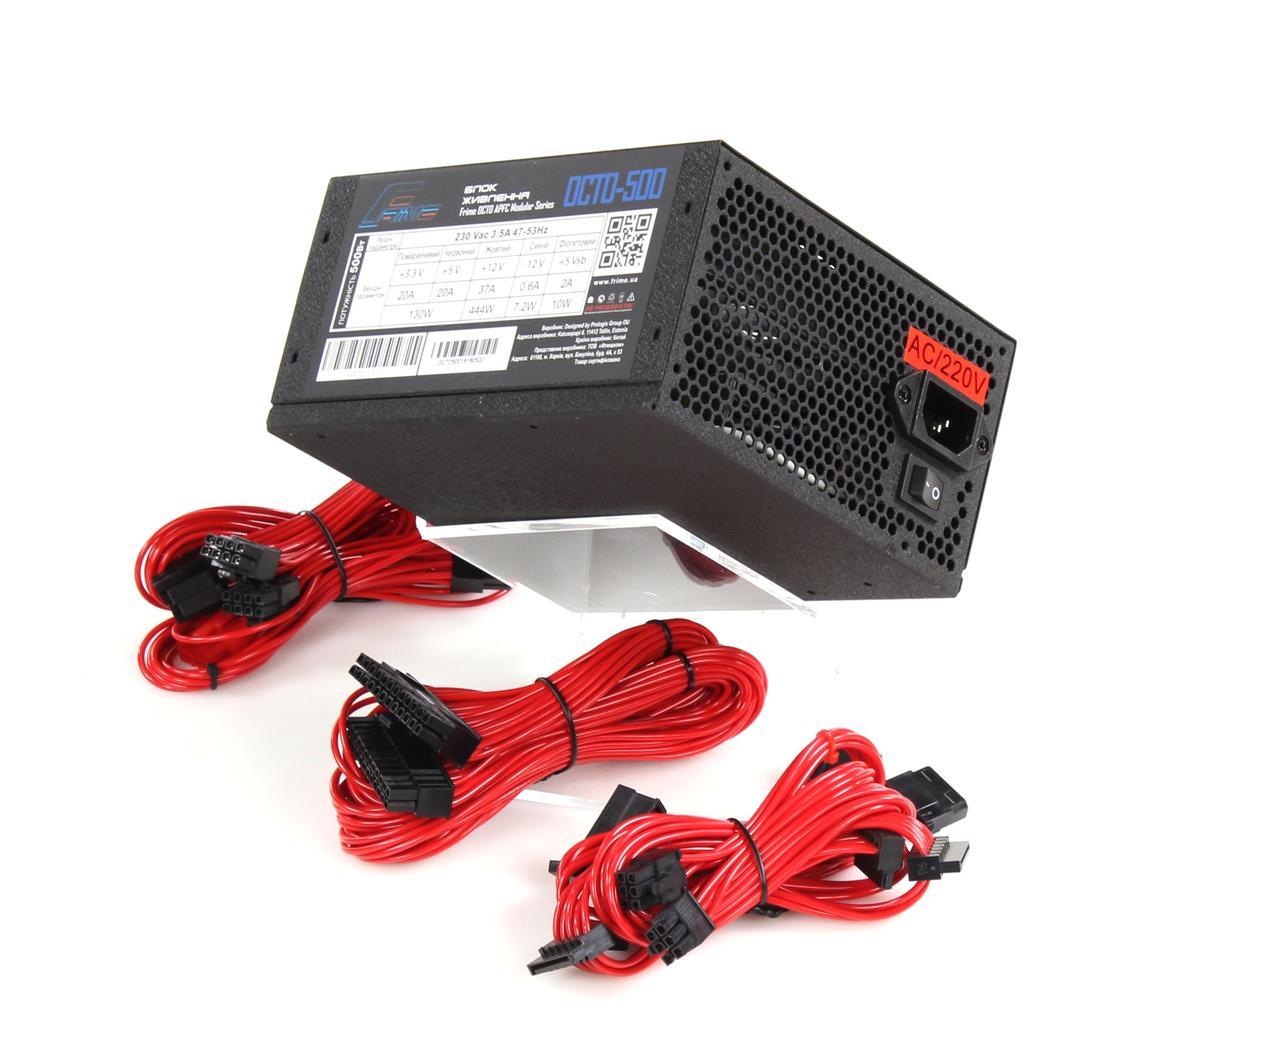 Блок питания Frime OCTO-500 APFC Modular BOX